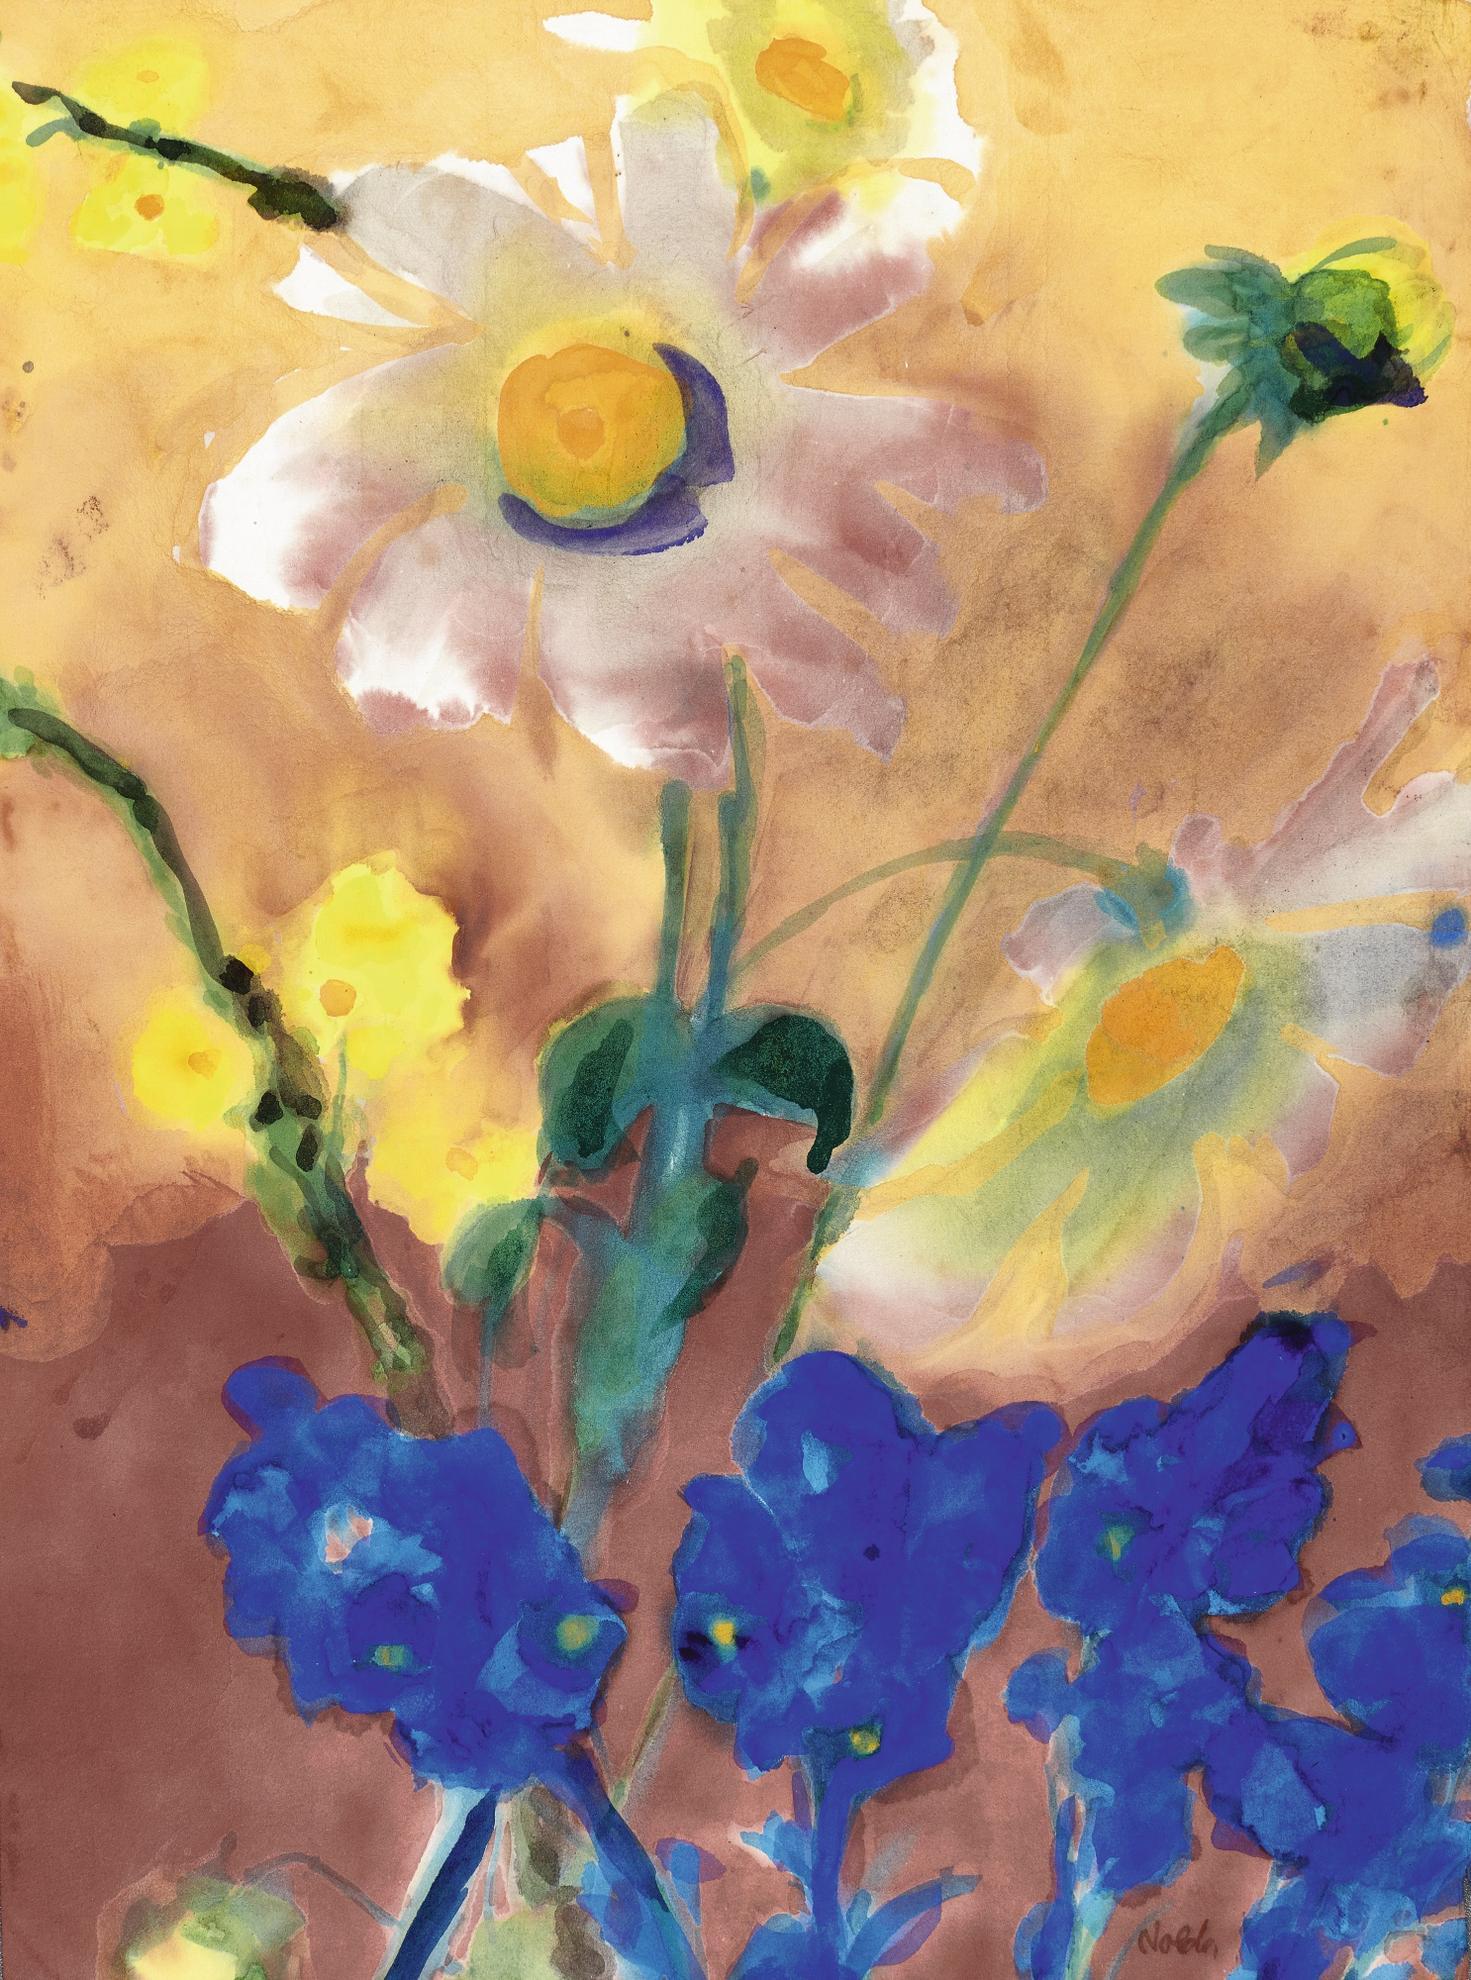 Emil Nolde-Blumen (Weiβ, Gelb, Blau) (Flowers (White, Yellow, Blue))-1940